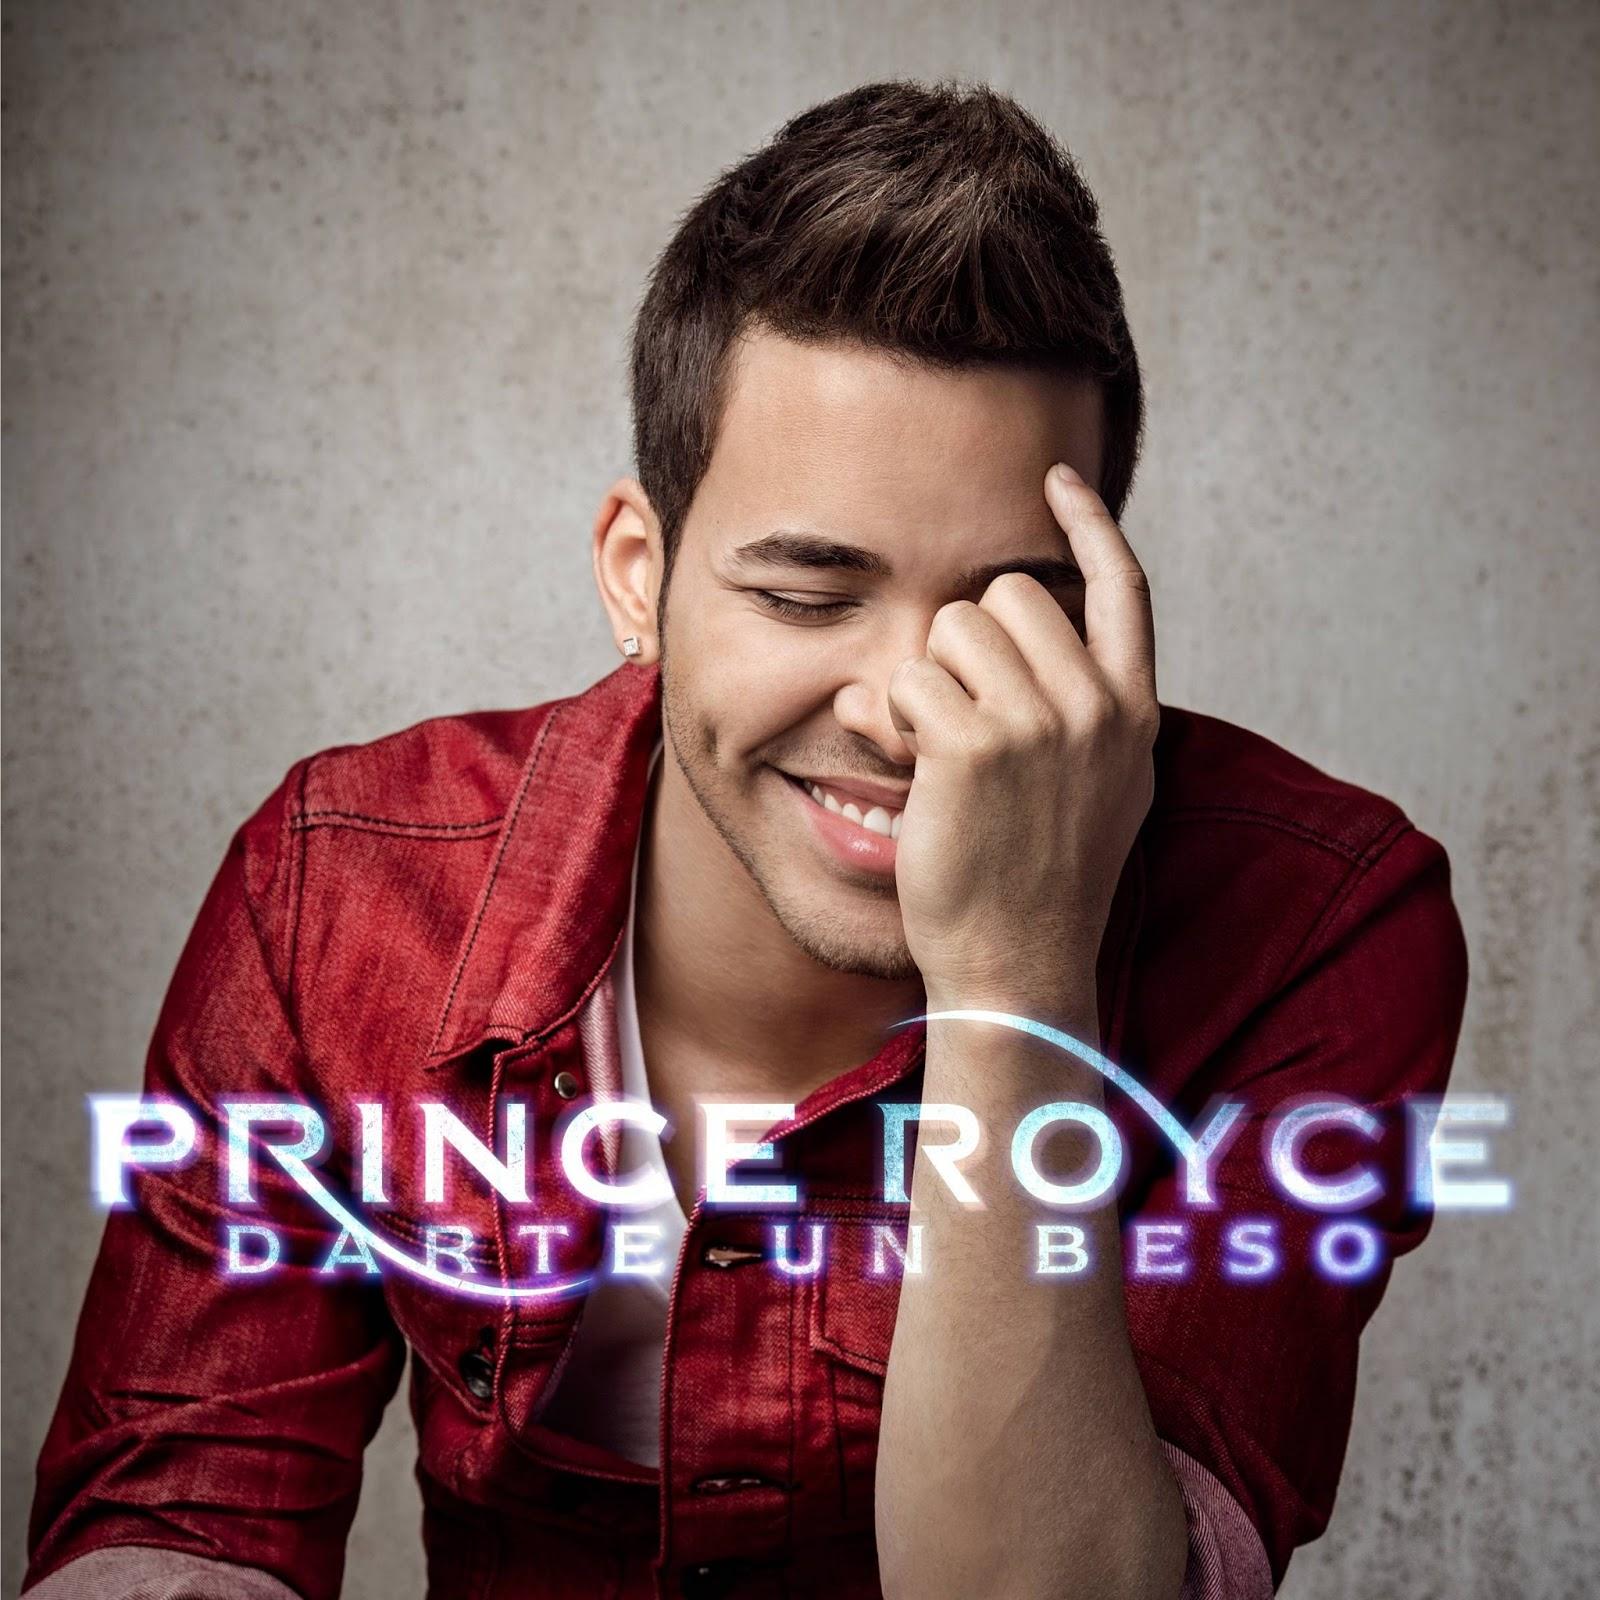 Prince Royce Darte un Beso Album Cover Prince Royce-darte un Beso